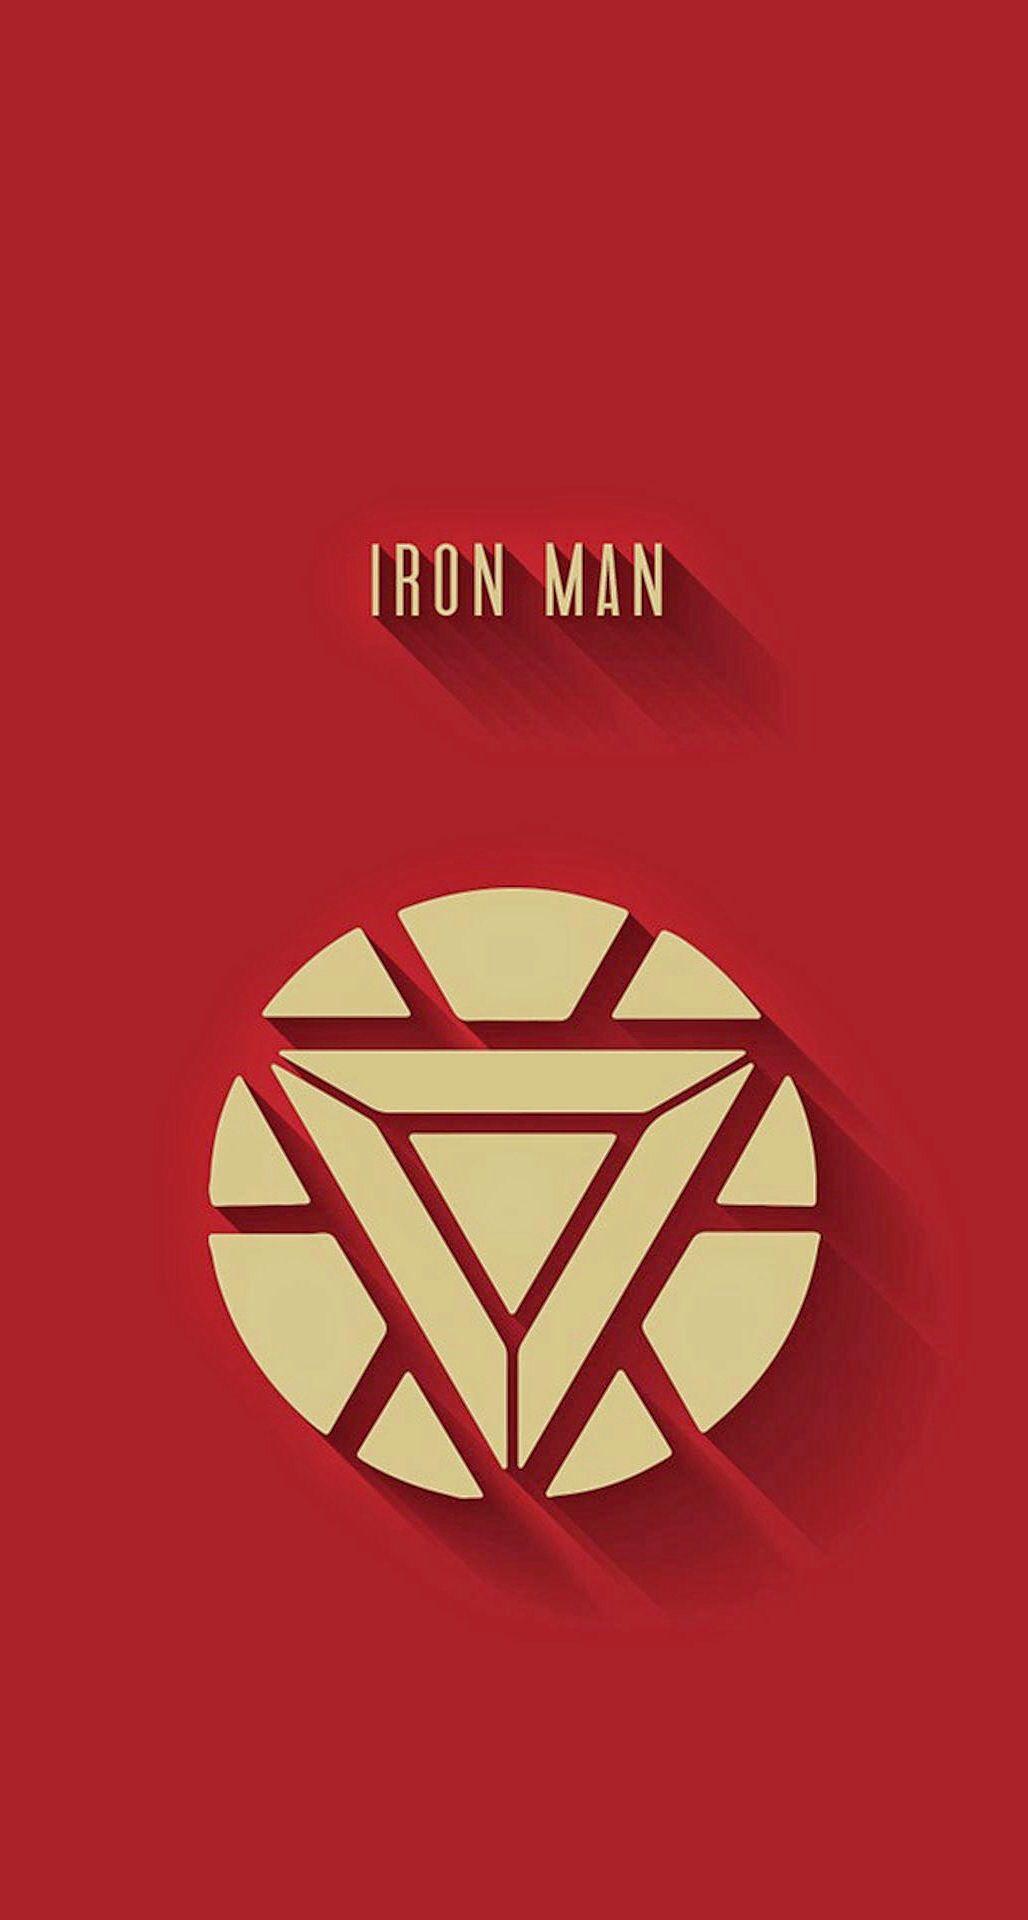 ironman logo illustrations fondo